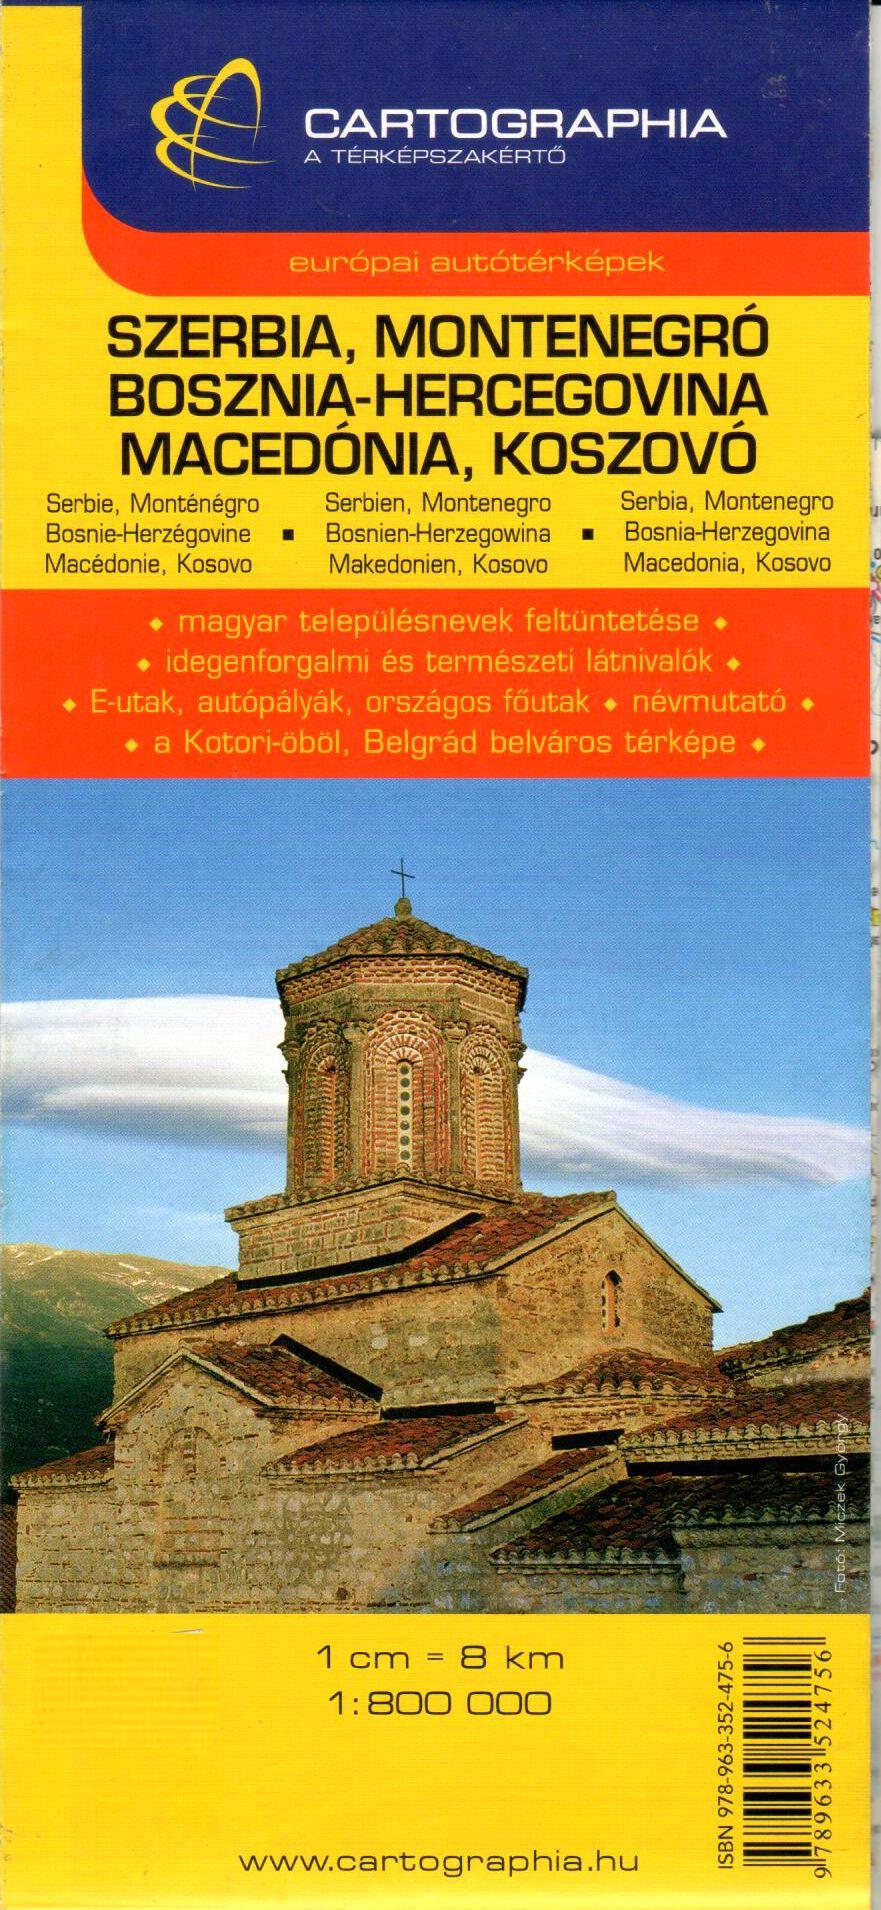 Szerbia, Montenegró, Észak-Macedónia, Koszovó, Bosznia-Hercegovina autótérképe turista információkkal, névmutatóval